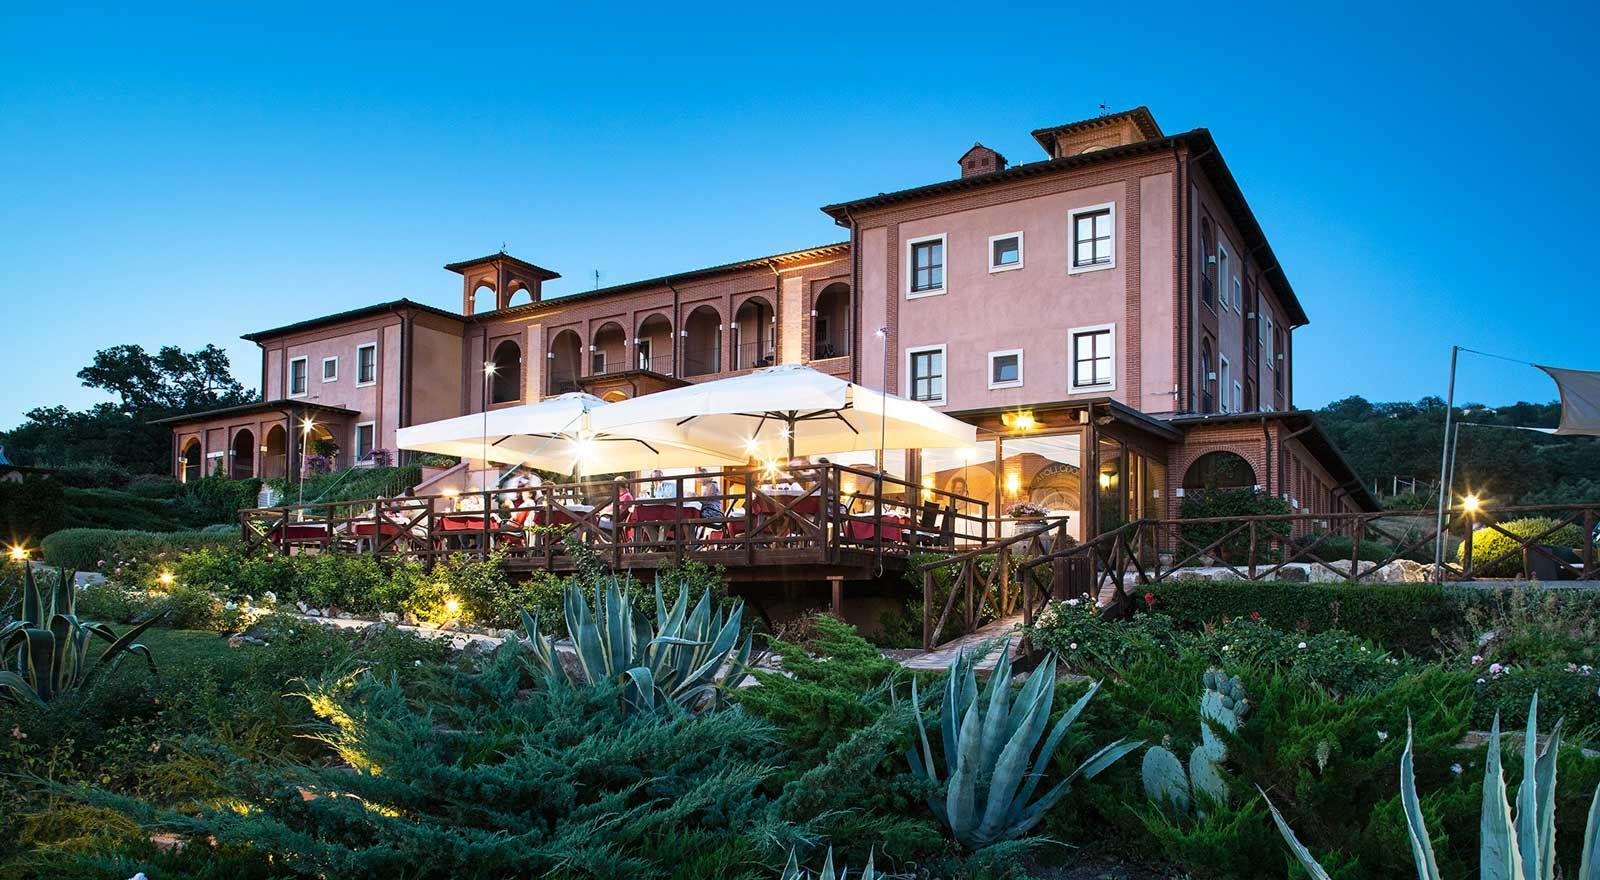 Hotel in Toscana: Wellness Hotel Italy | Saturnia Tuscany ...